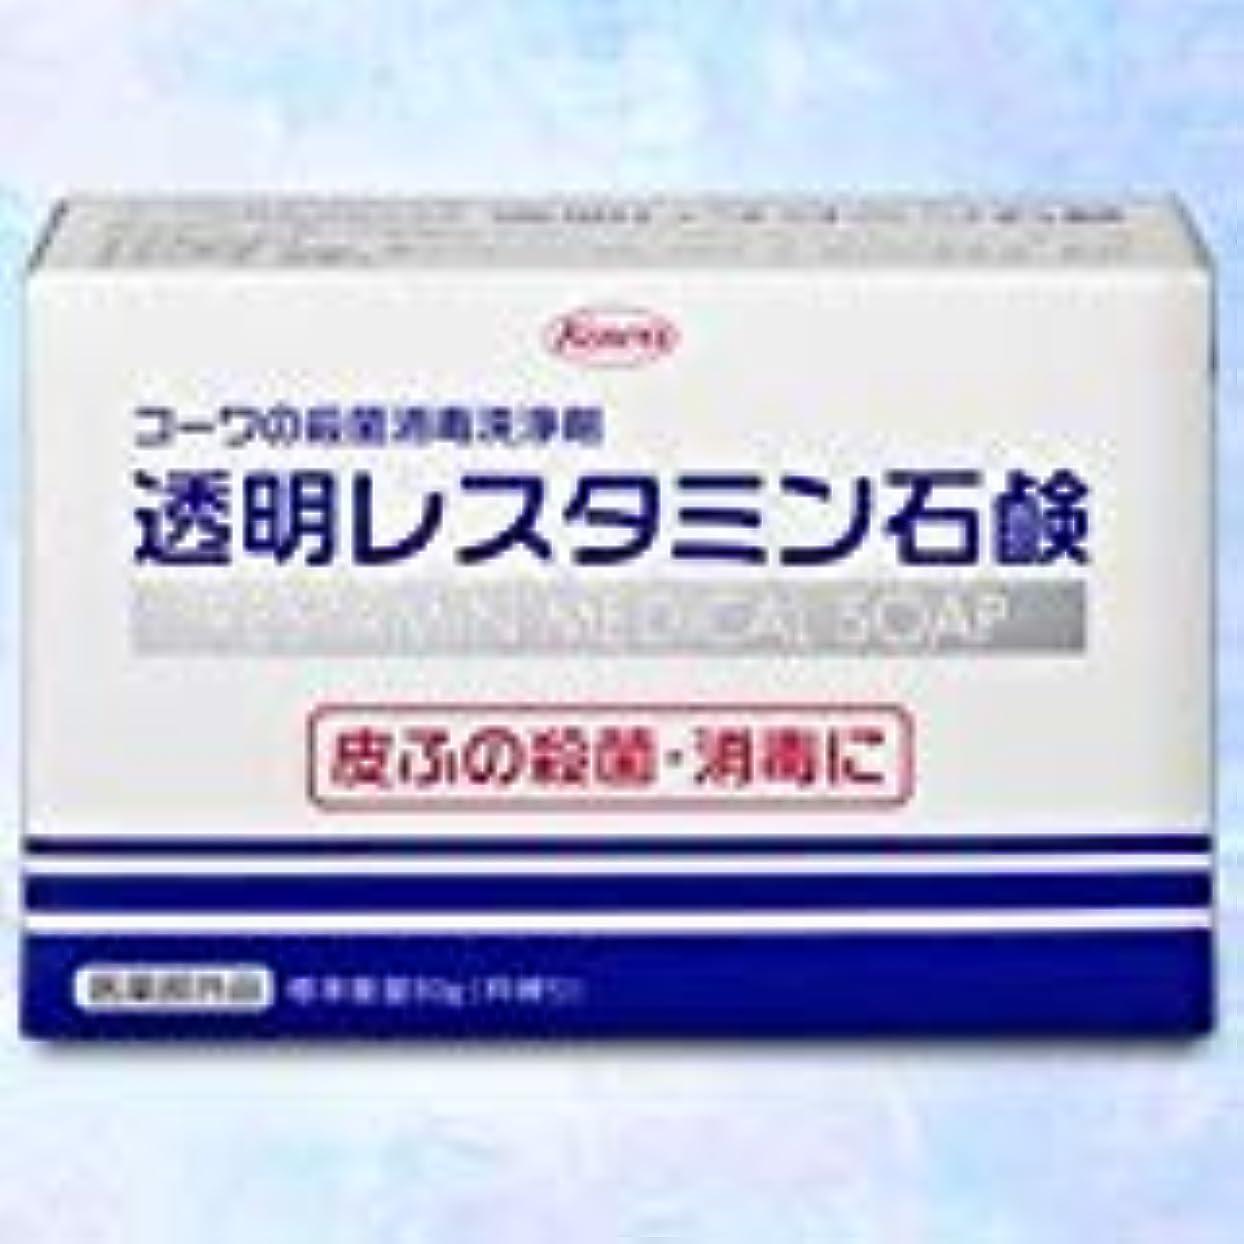 彼女は等価ゴミ箱を空にする【興和】コーワの殺菌消毒洗浄剤「透明レスタミン石鹸」80g(医薬部外品) ×5個セット